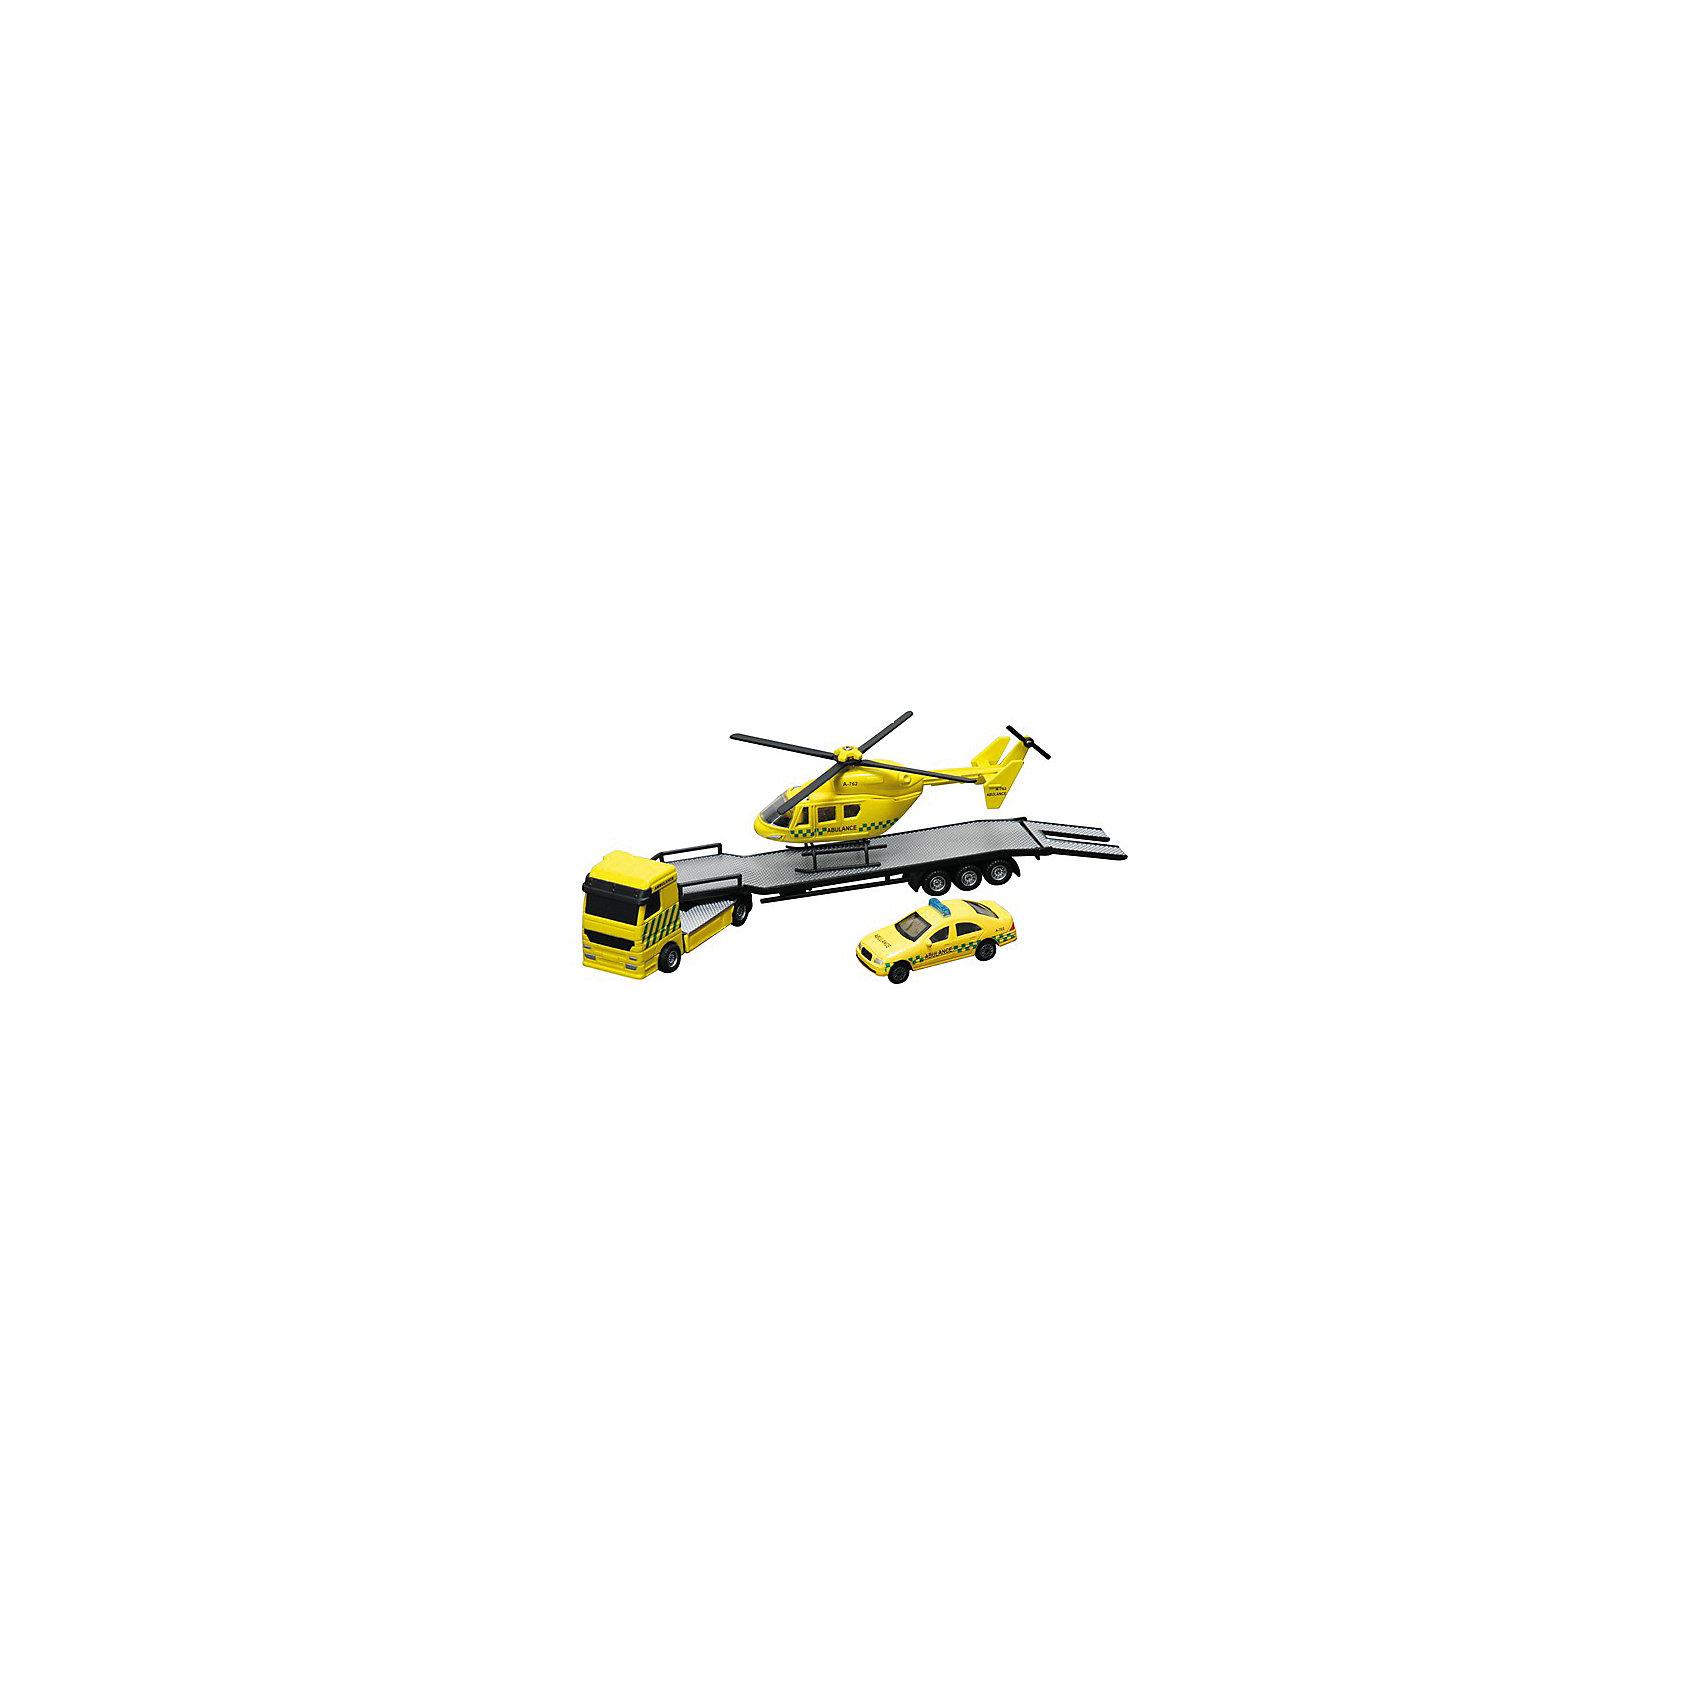 Перевозчик с машиной и вертолетом,  HTl GrоuрИгровые наборы<br>Игра в машинки это не только прекрасное развлечение для мальчиков, но и способ развить моторику, опорно-двигательный аппарат, логическое мышление, координацию. Важно, чтобы игрушки были безопасны для малышей, качественно выполнены, чтобы не сломаться в первый же день и не вызвать слез и досады у ребенка. <br>Всем этим требованиям отвечают машинки компании HTI. Высокие европейские стандарты залог высокого качества. <br><br>Дополнительная информация:<br><br>Комплект: перевозчик, вертолет, легковой автомобиль.<br>Материал: пластик.<br><br>Перевозчик с машиной и вертолетом,  HTl Grоuр можно купить в нашем магазине.<br><br>Ширина мм: 29<br>Глубина мм: 5<br>Высота мм: 9<br>Вес г: 170<br>Возраст от месяцев: 36<br>Возраст до месяцев: 96<br>Пол: Мужской<br>Возраст: Детский<br>SKU: 4574054